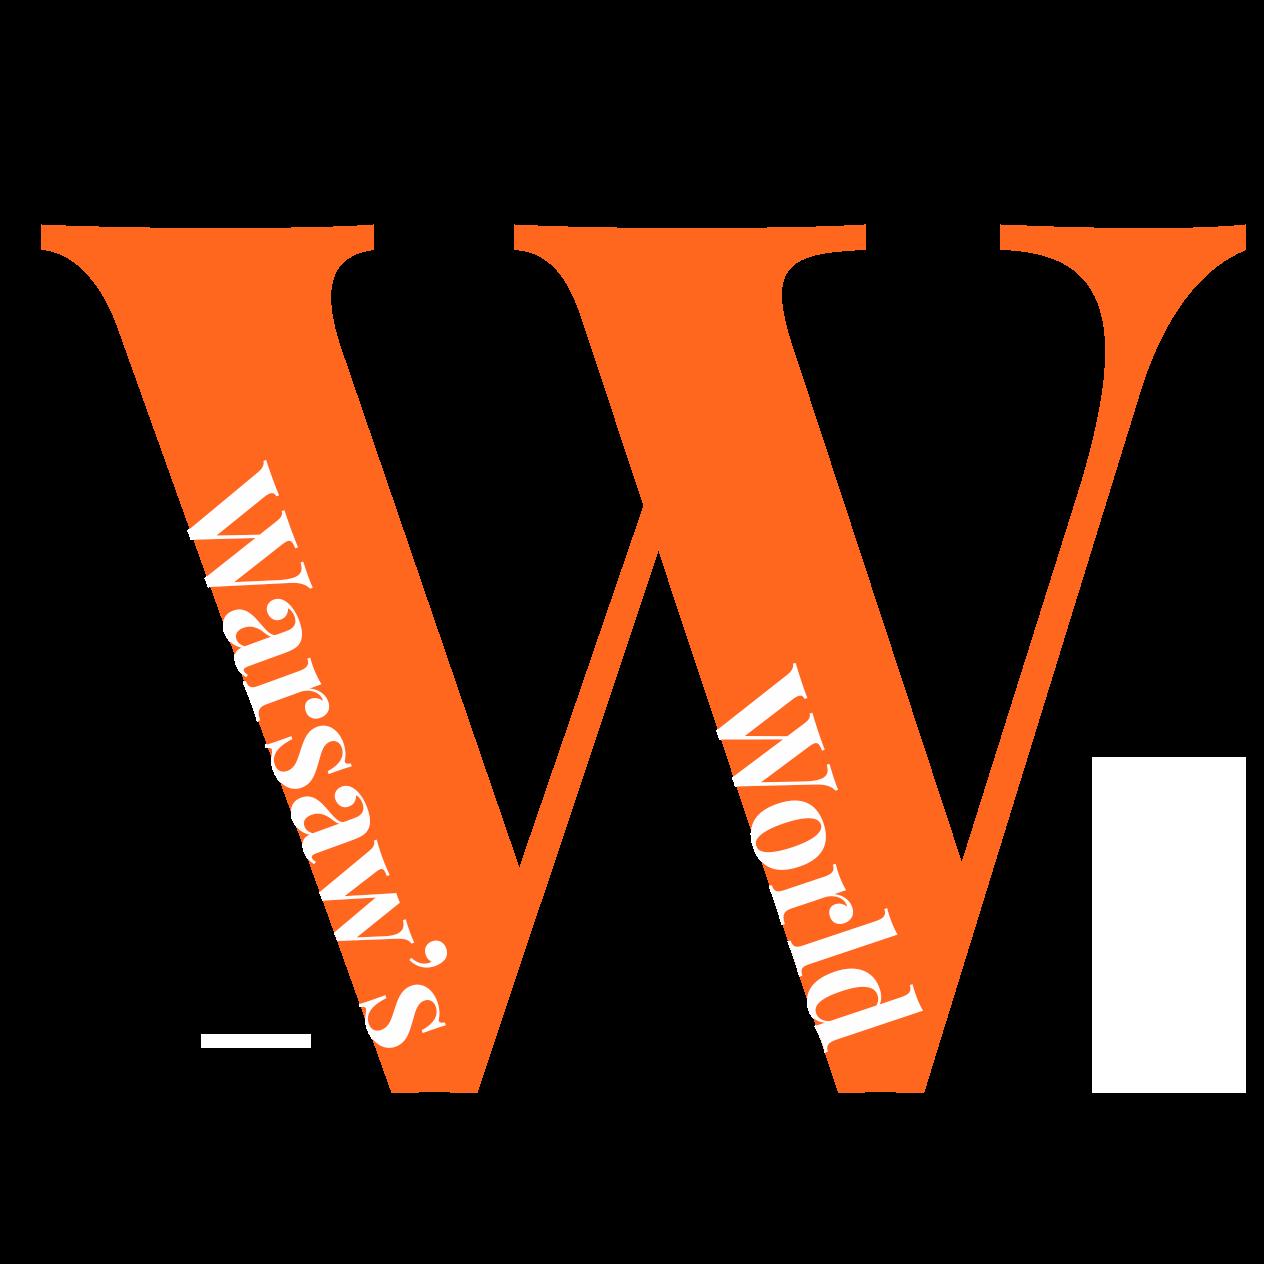 big orange W